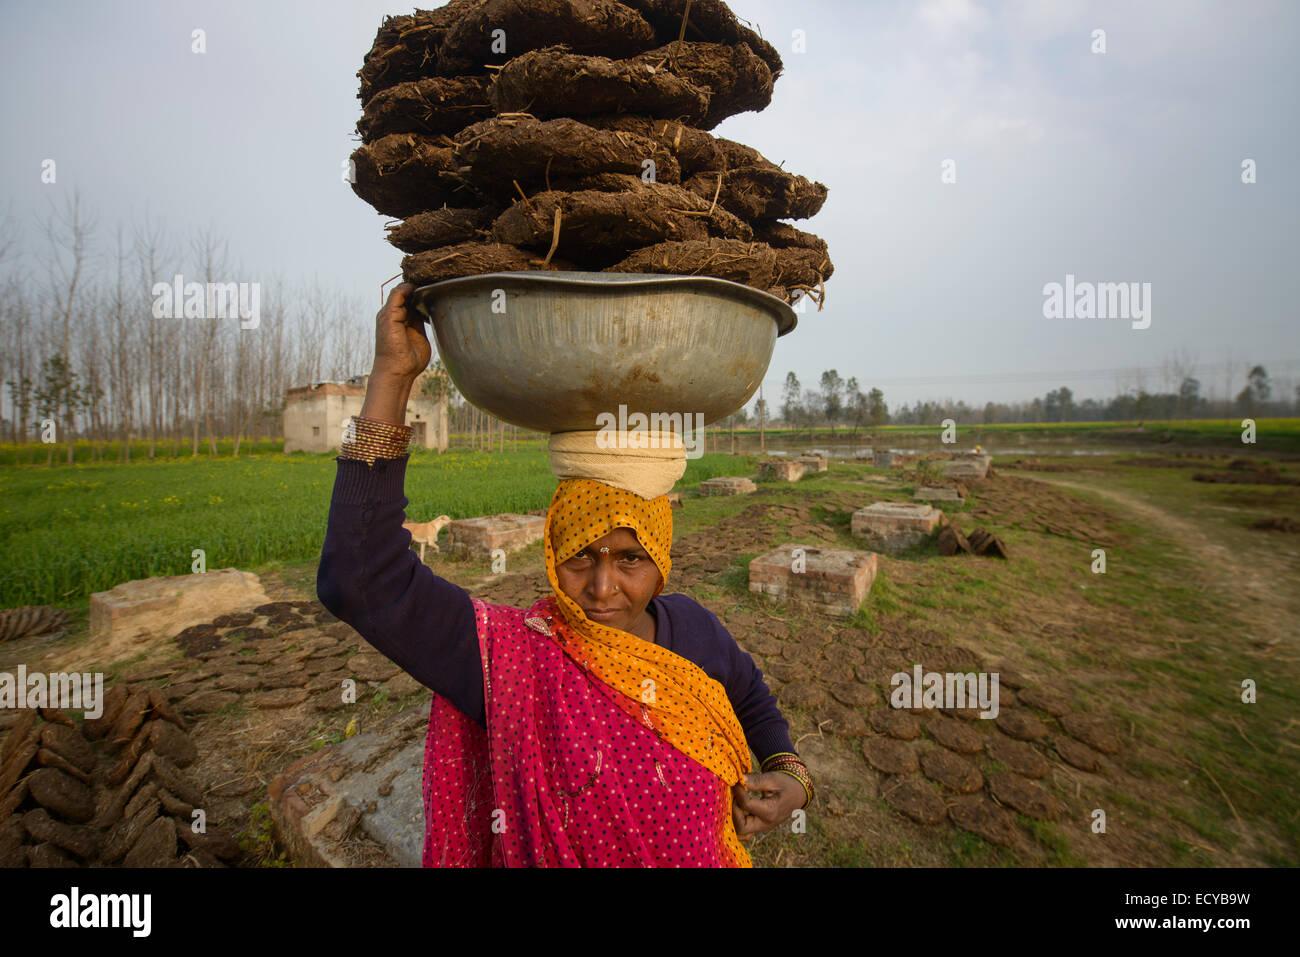 Le donne indiane il prelievo di sterco secco, Uttar Pradesh, India Immagini Stock